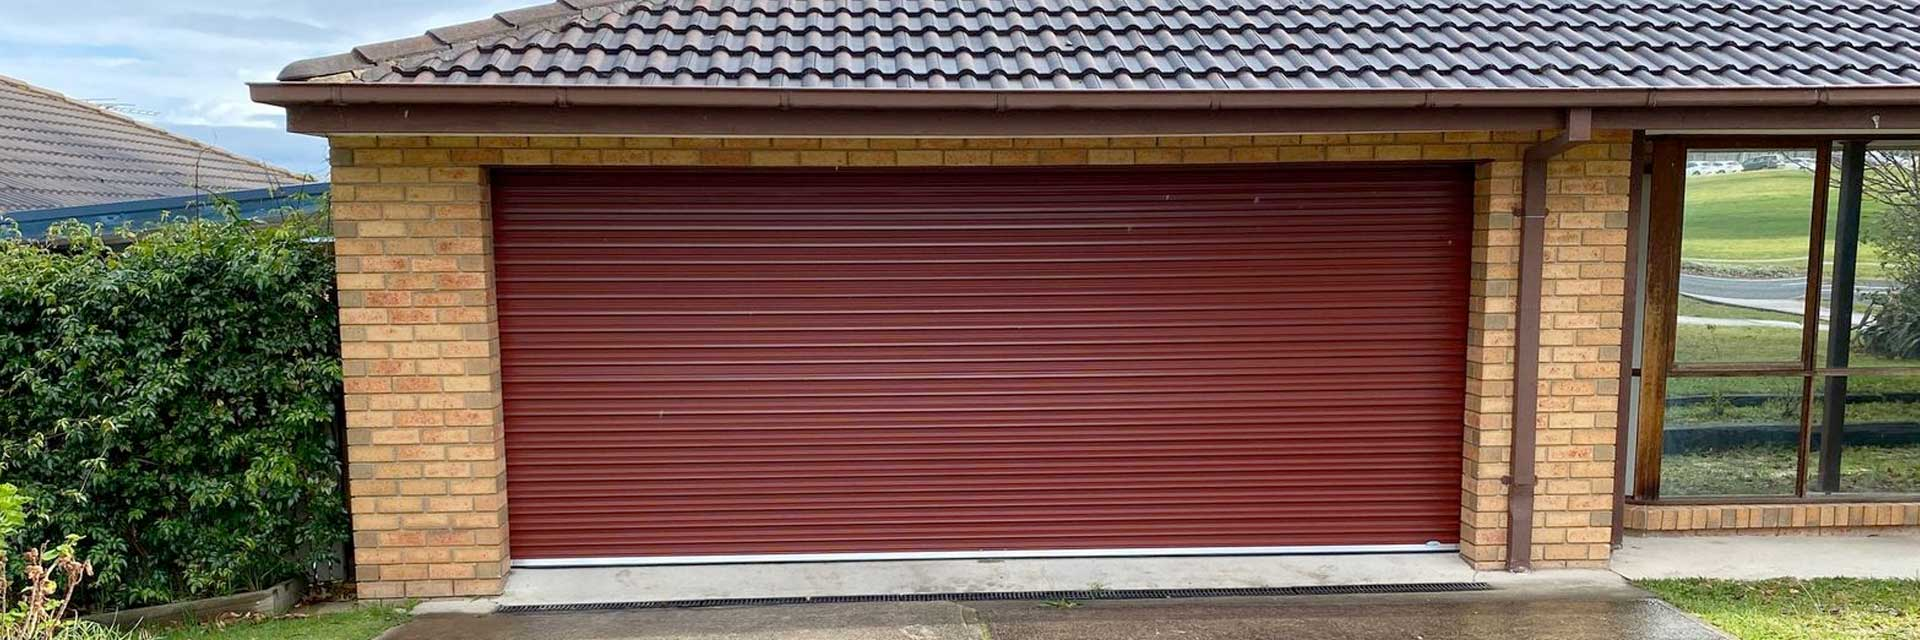 garage-roller-doors-melbourne